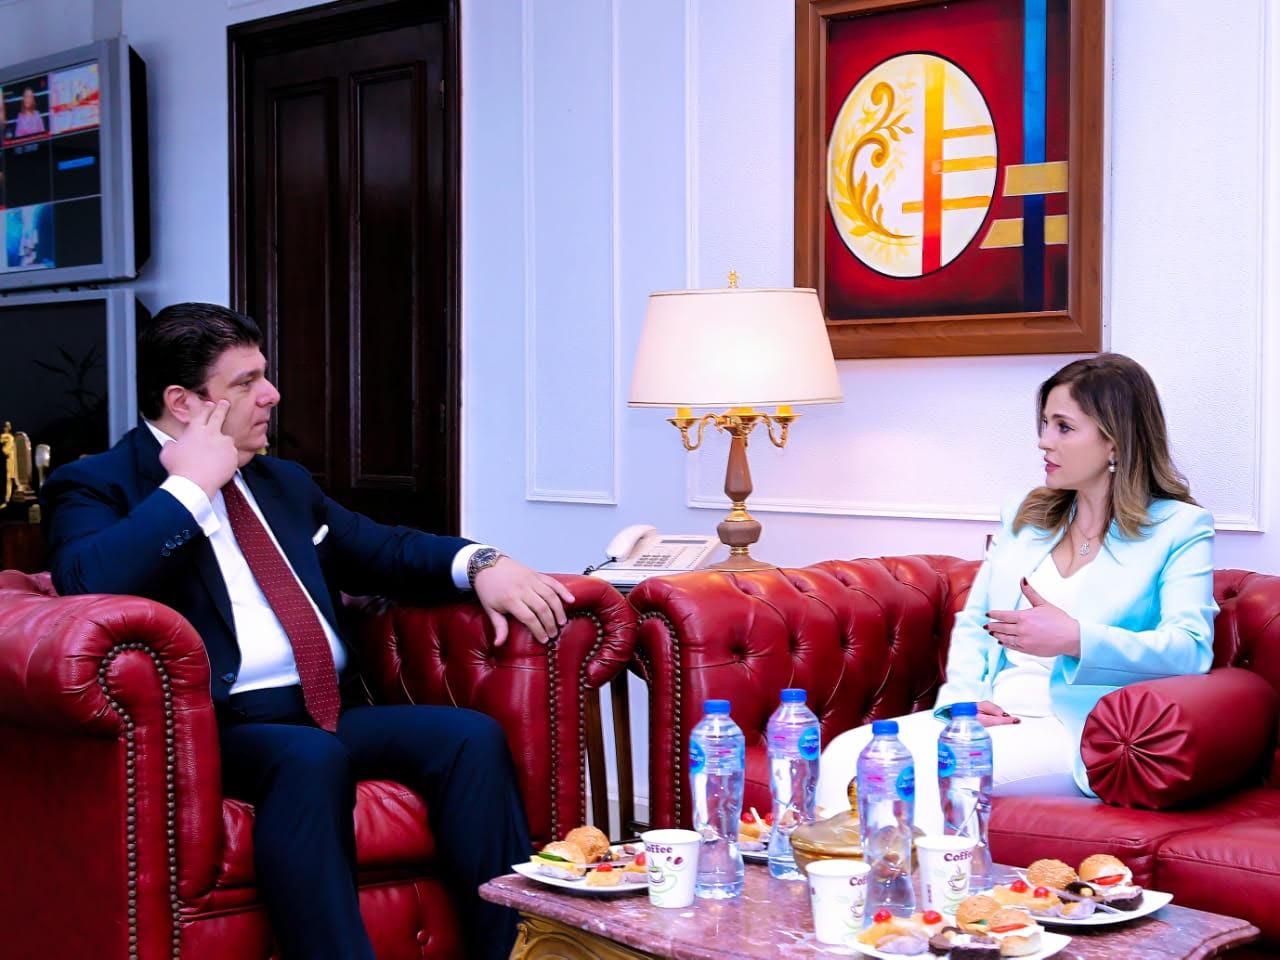 صور  حسين زين يلتقى وزيرة الإعلام اللبناني